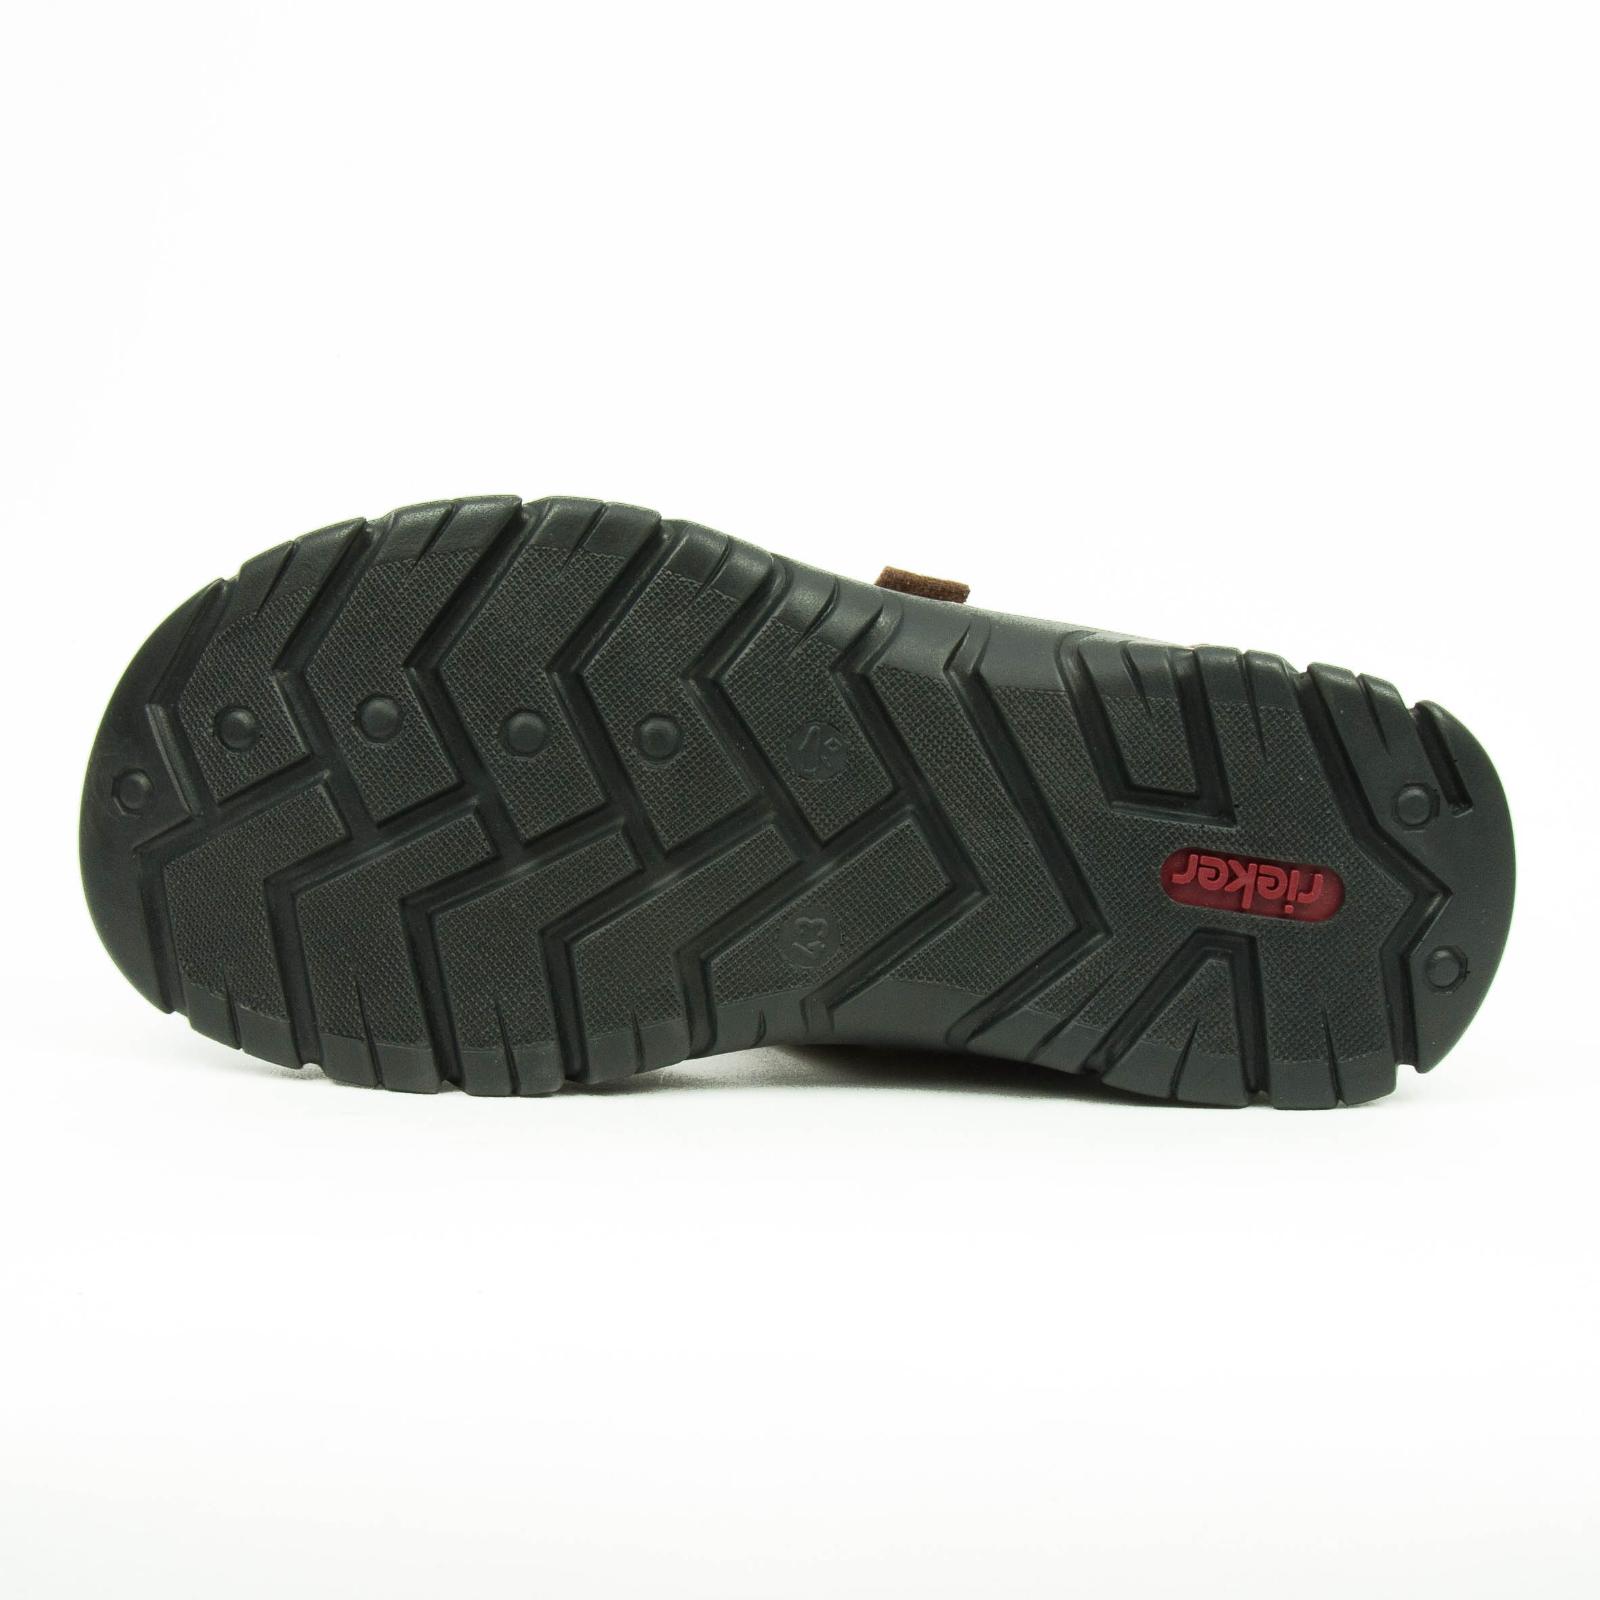 Details zu Rieker Herren Sandalen Sommer Schuhe mit Dreifach Klettverschluss Braun 26757 24